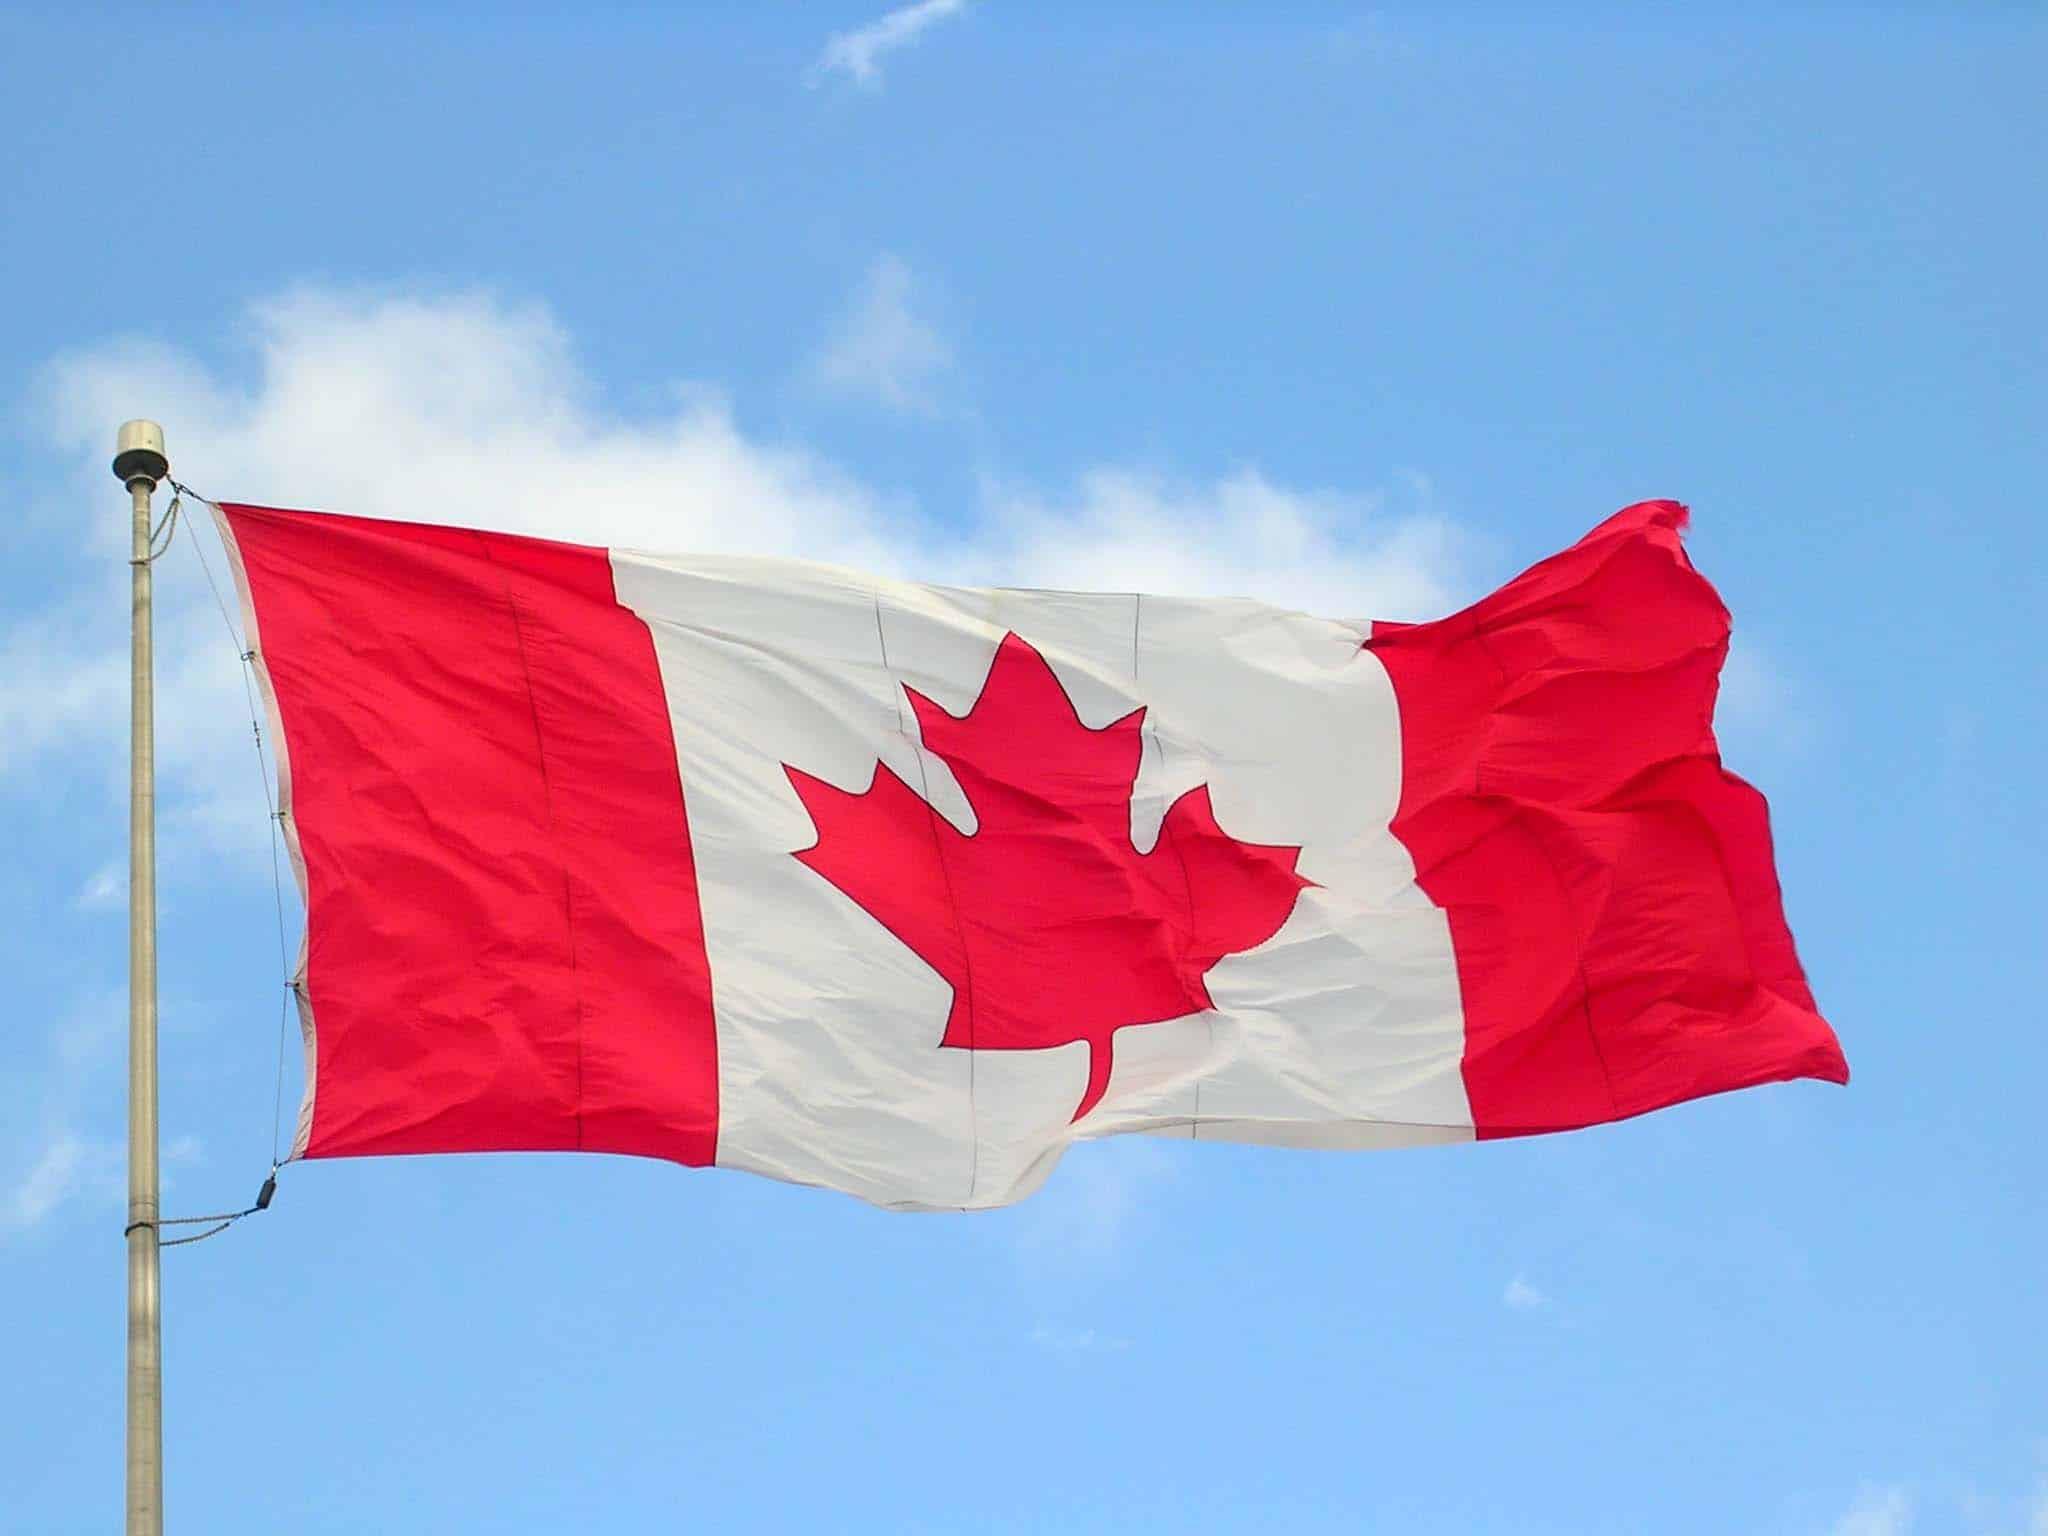 Canadá, el segundo mejor país del mundo según estudio